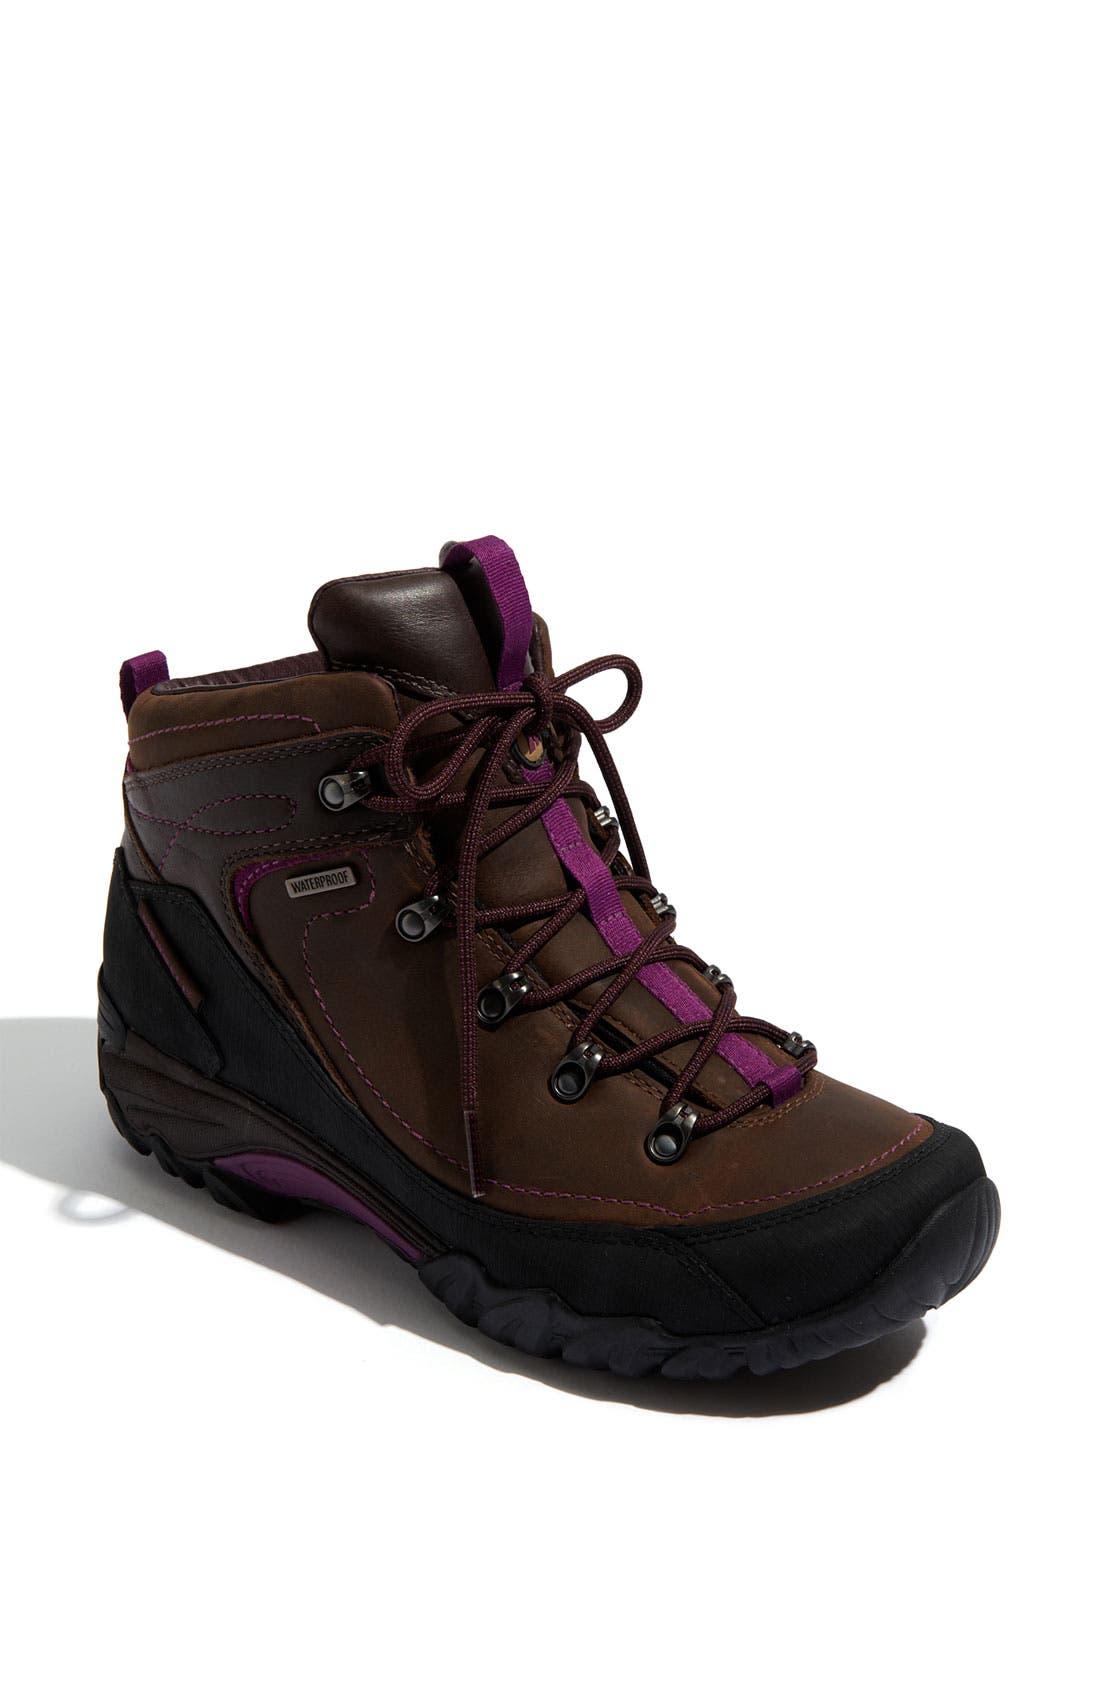 Main Image - Merrell 'Chameleon' Trail Shoe (Women)